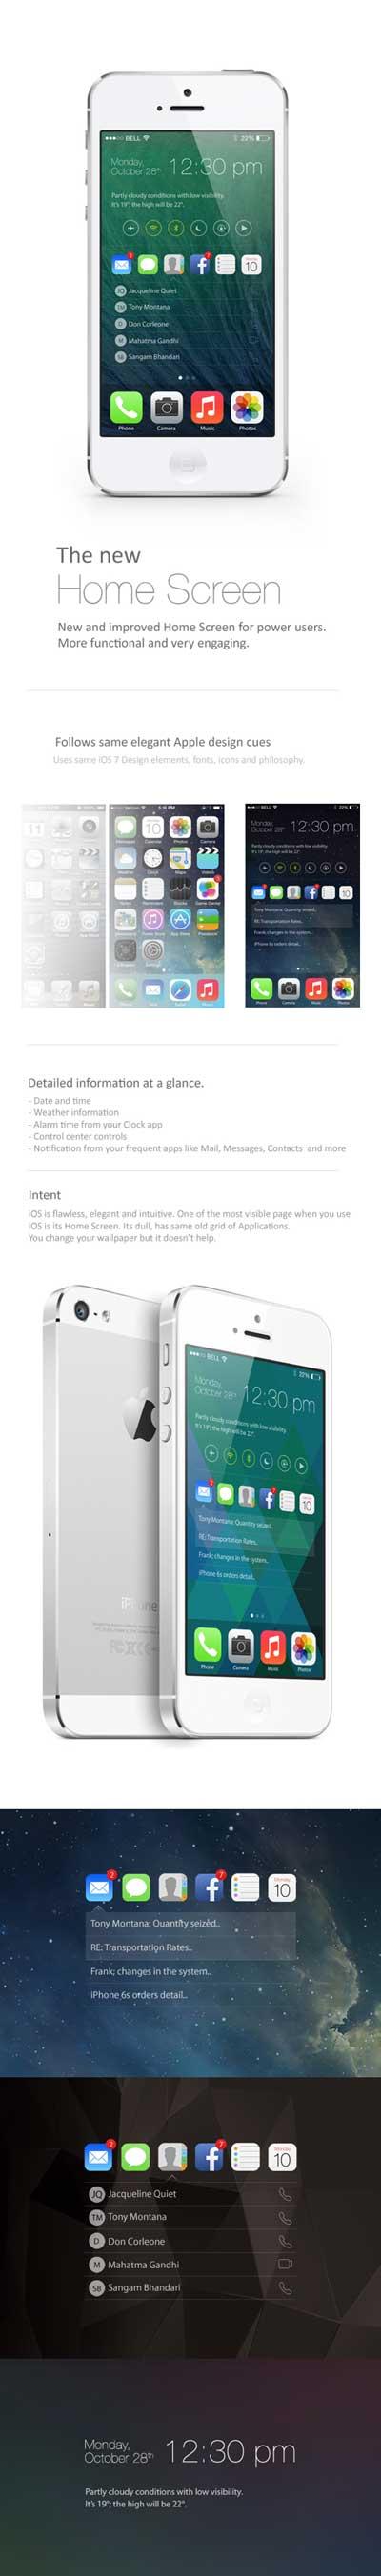 تصور: هكذا يجب ان يكون نظام التشغيل IOS 8، شاهدوا بالصور !